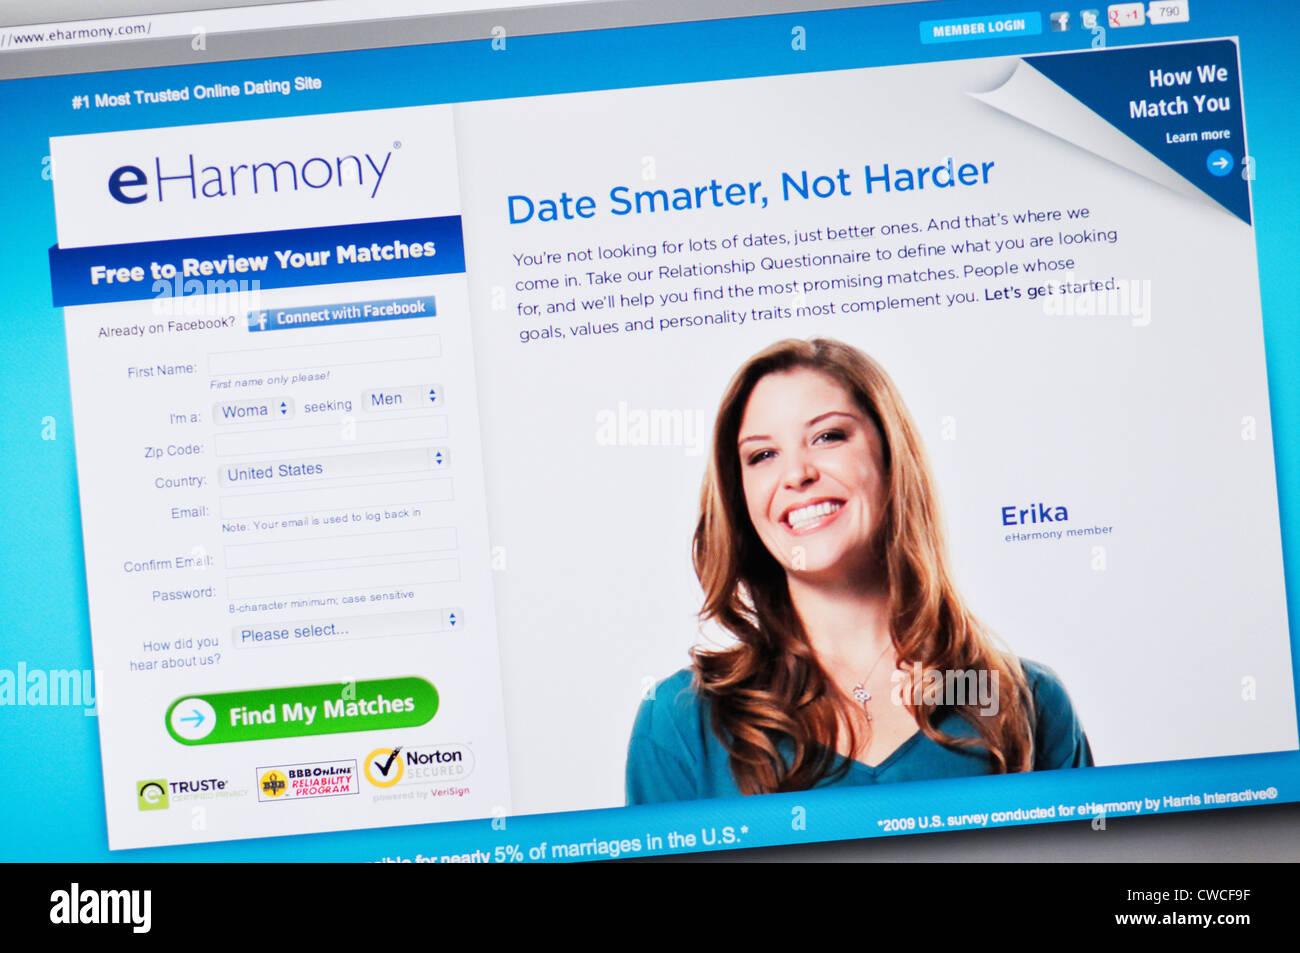 Vapaa dating verkko sivuilla Irlannissa